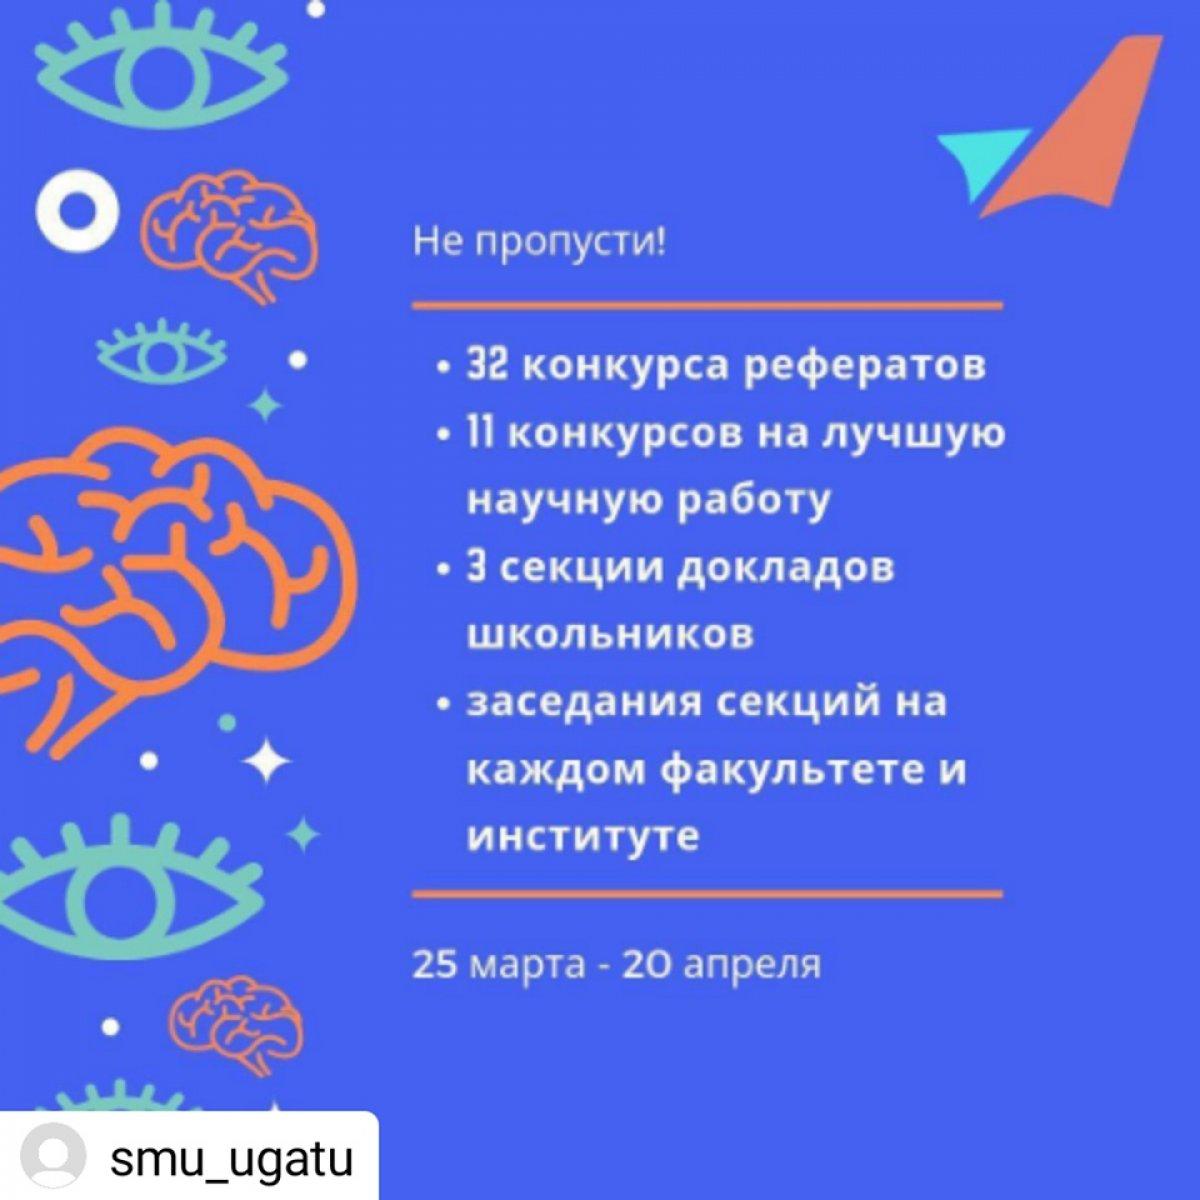 УГАТУ как центр студенческой науки